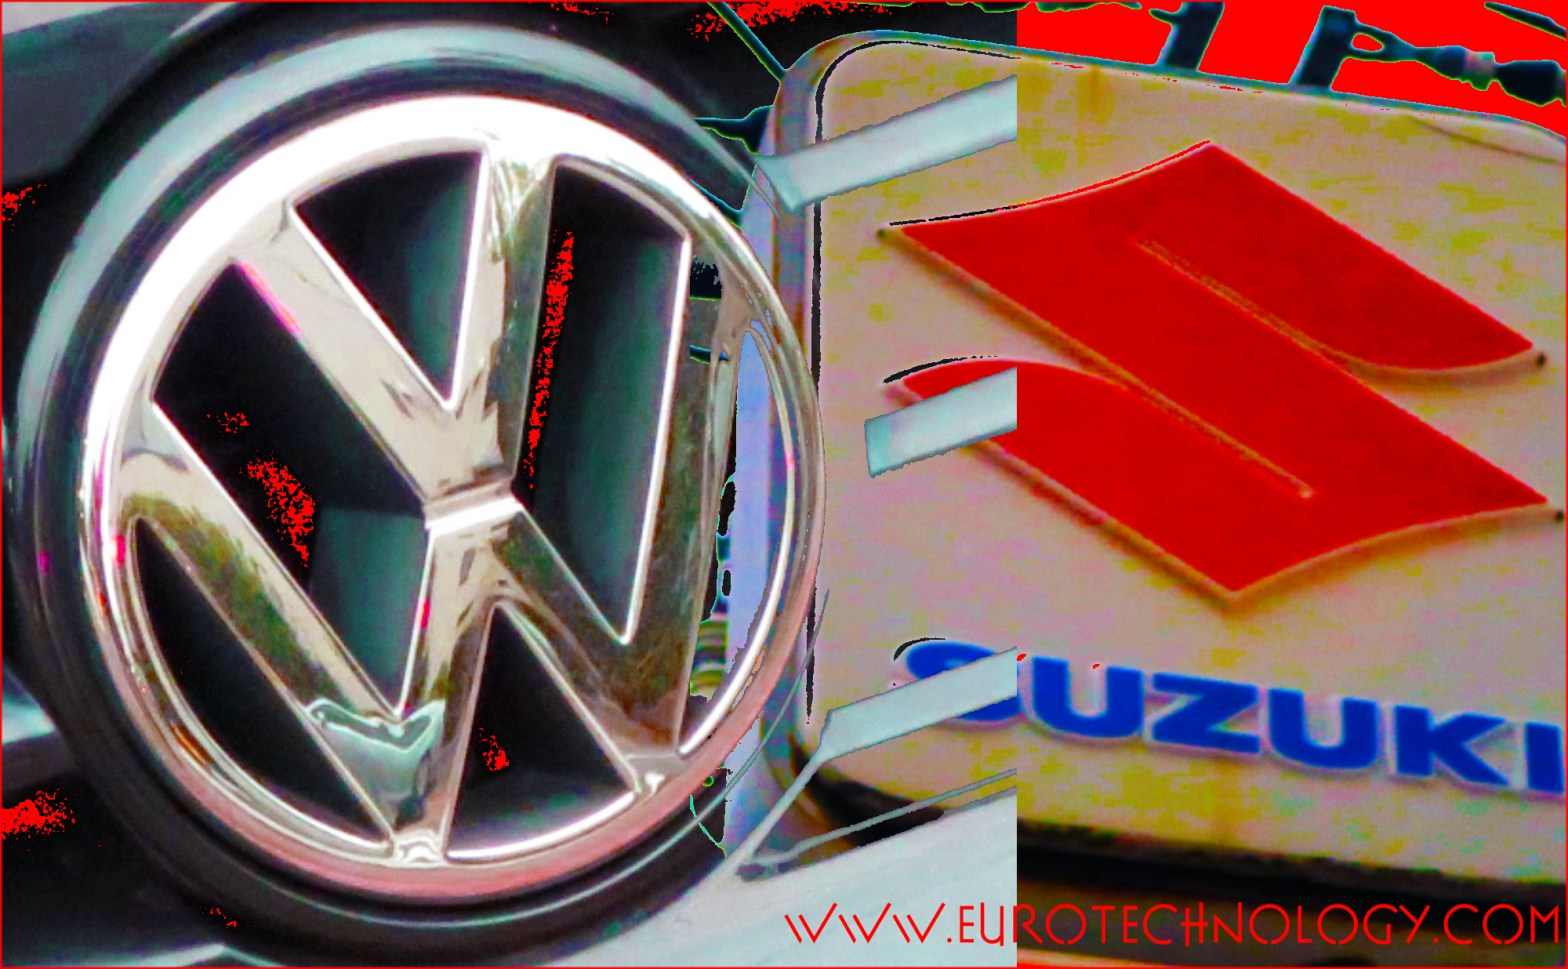 Volkswagen VW Suzuki eurotechnology.com